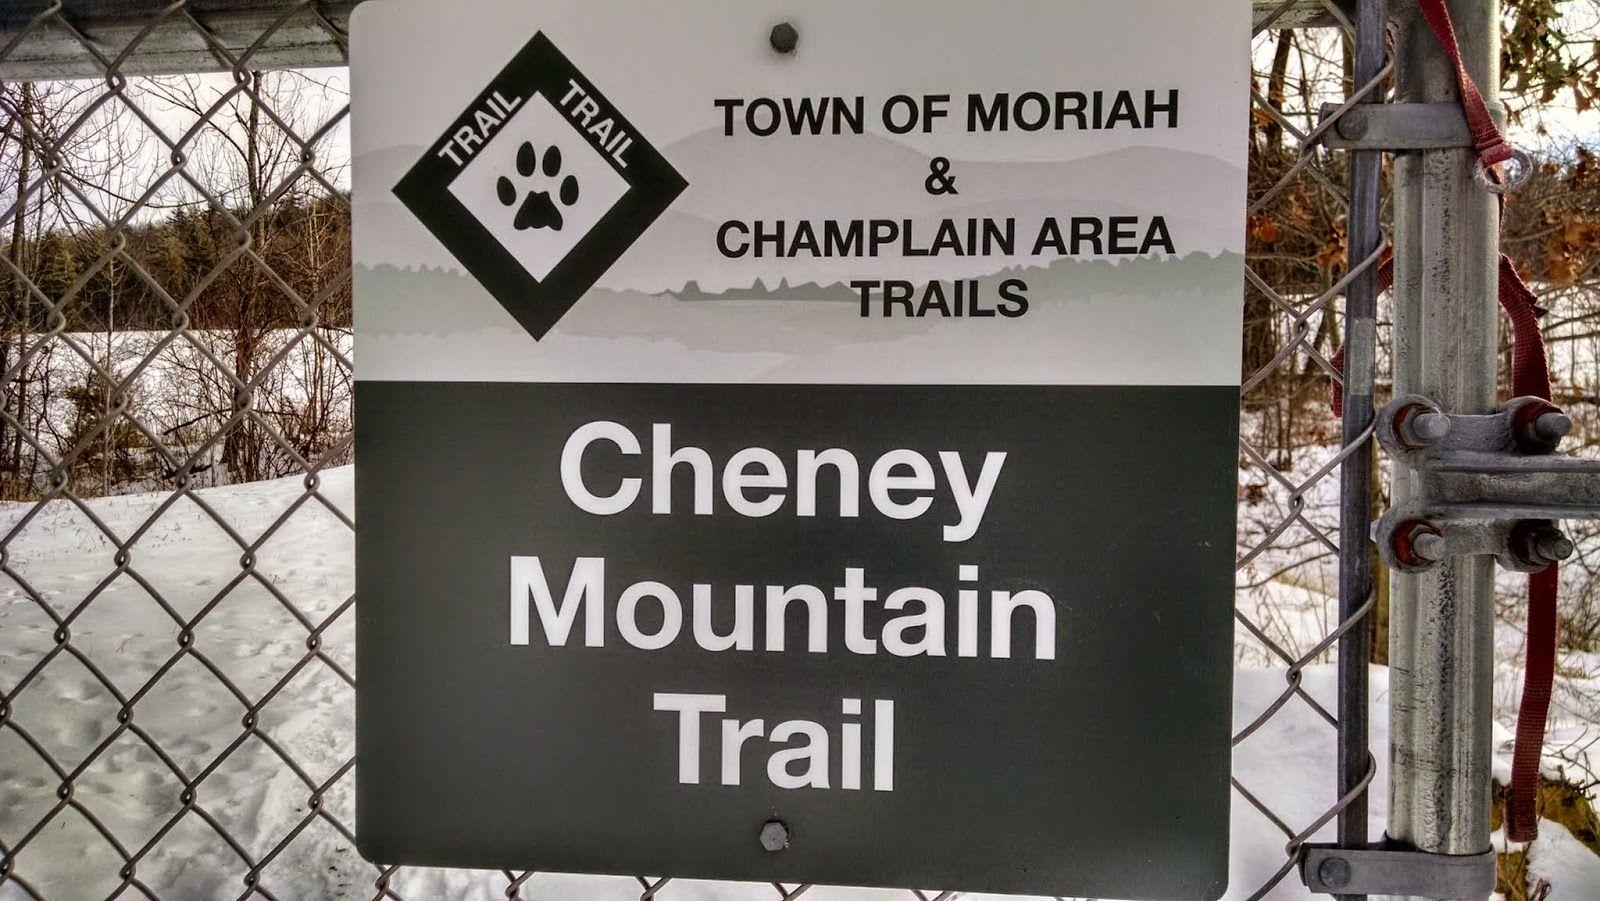 Off on Adventure: Cheney Mountain, Moriah, NY - 1/17/15